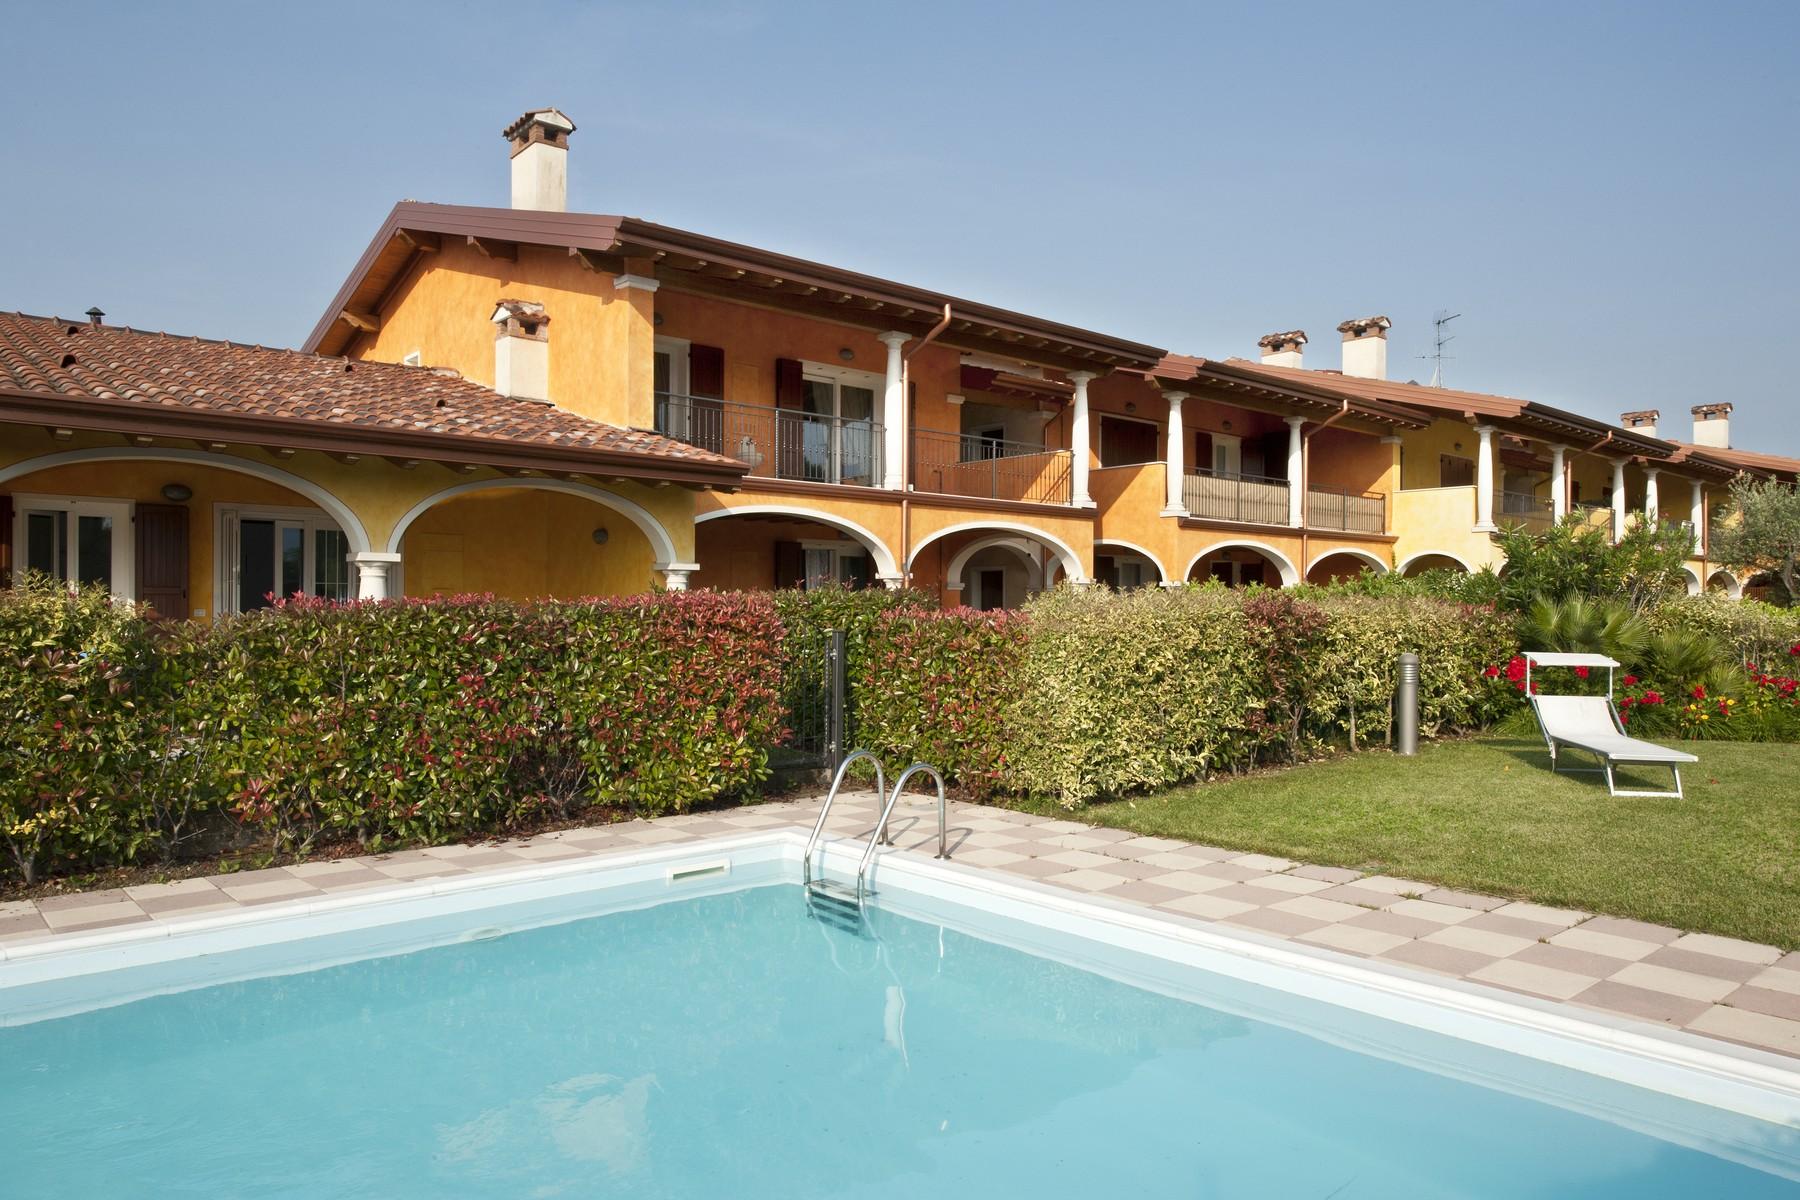 شقة للـ Sale في Elegant apartment in Manerba del Garda Manerba del Garda, Brescia, Italy